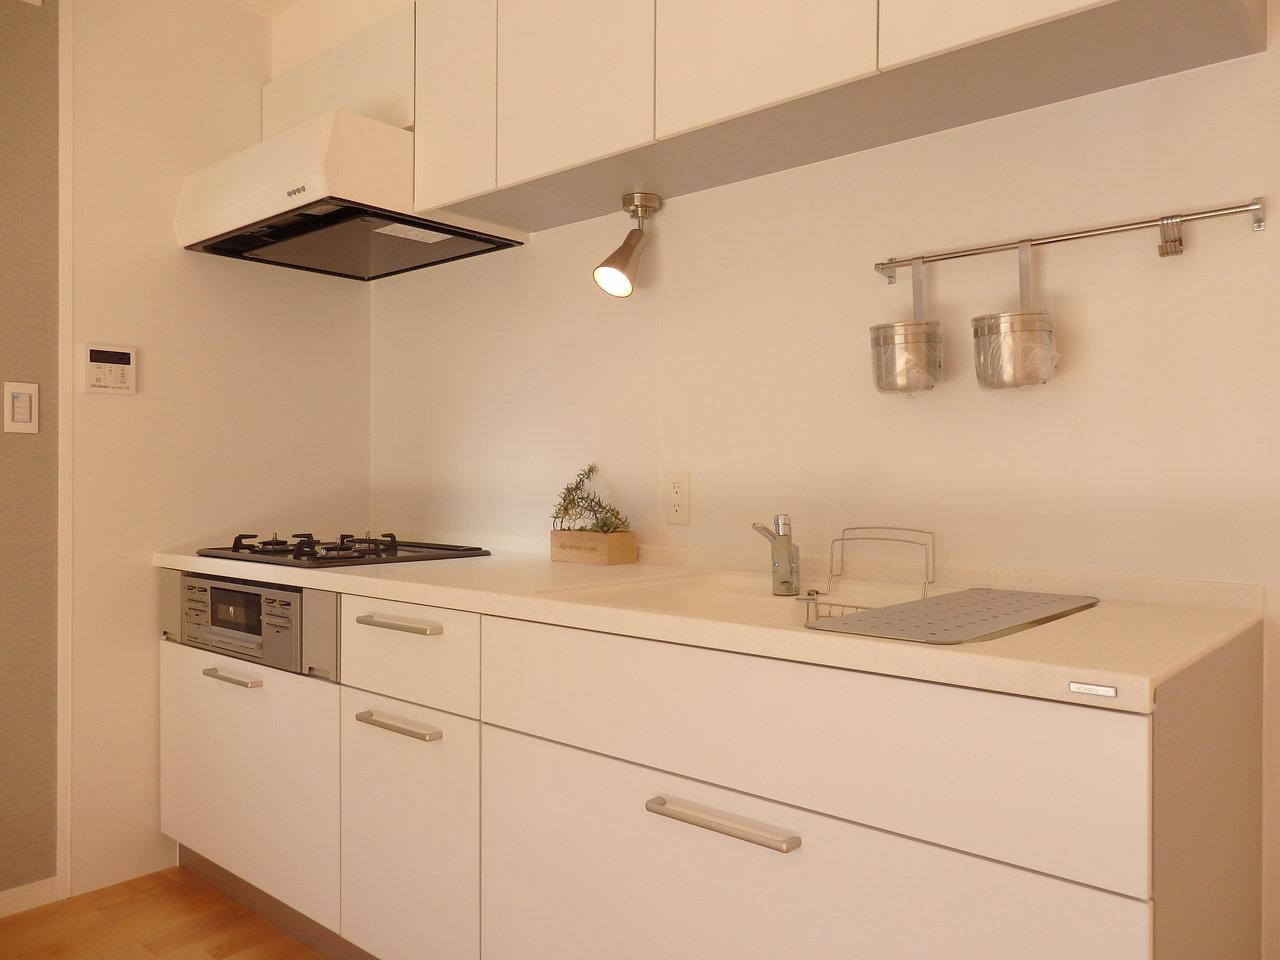 真っ白で使いやすいと評判のデザインキッチンも、かなり大きなものがついてますよ。